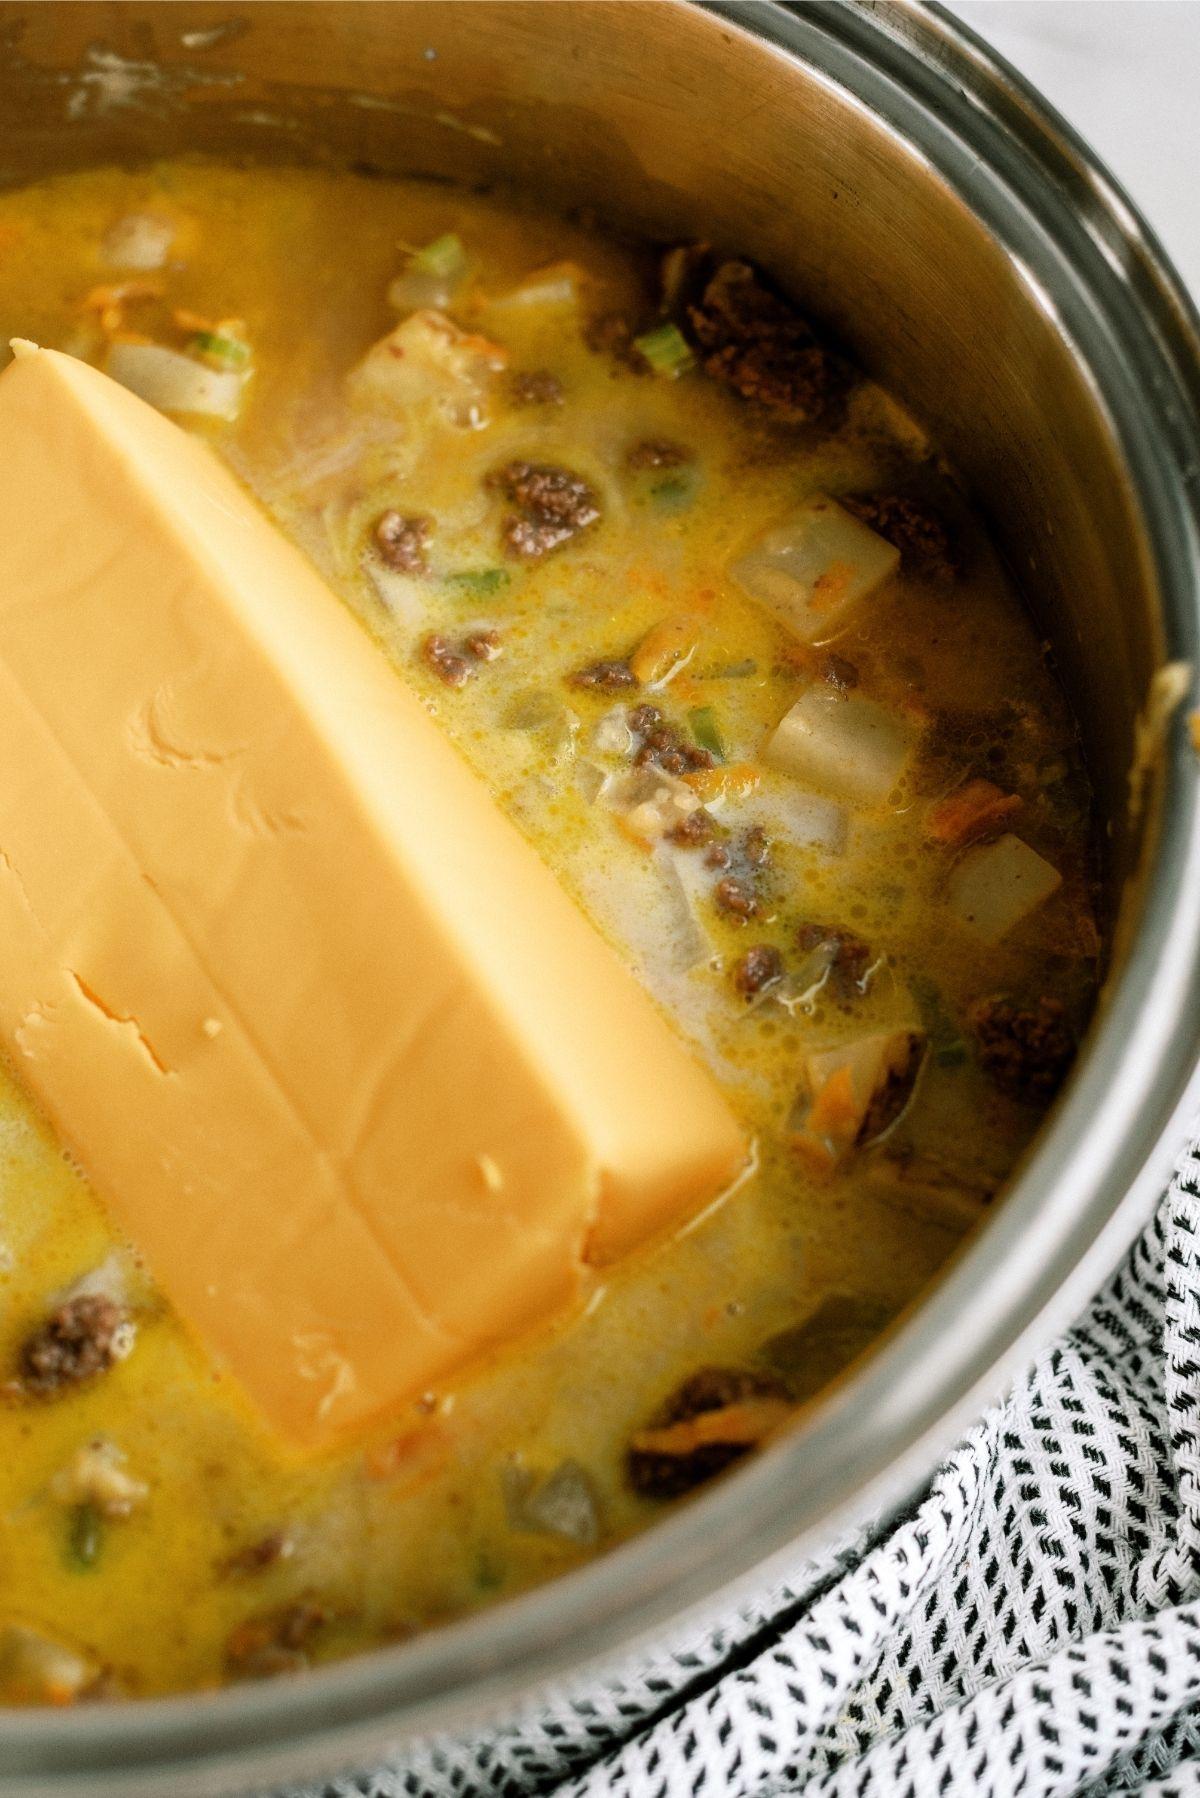 Adding brick of Velveeta cheese to saucepan full of Cheeseburger Soup